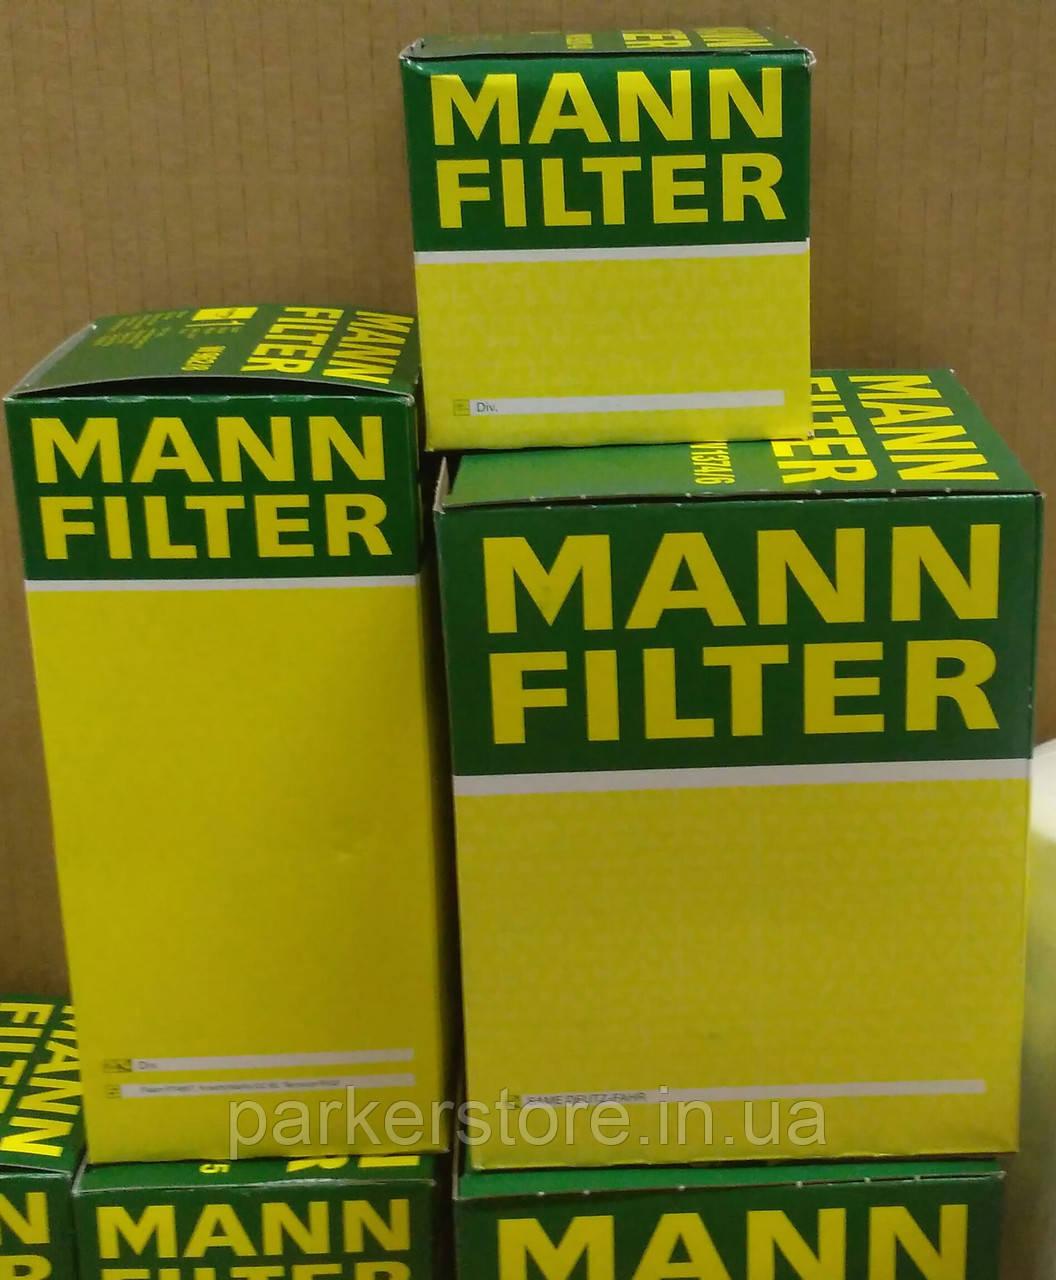 MANN FILTER / Повітряний фільтр / C 26 015 / C26015